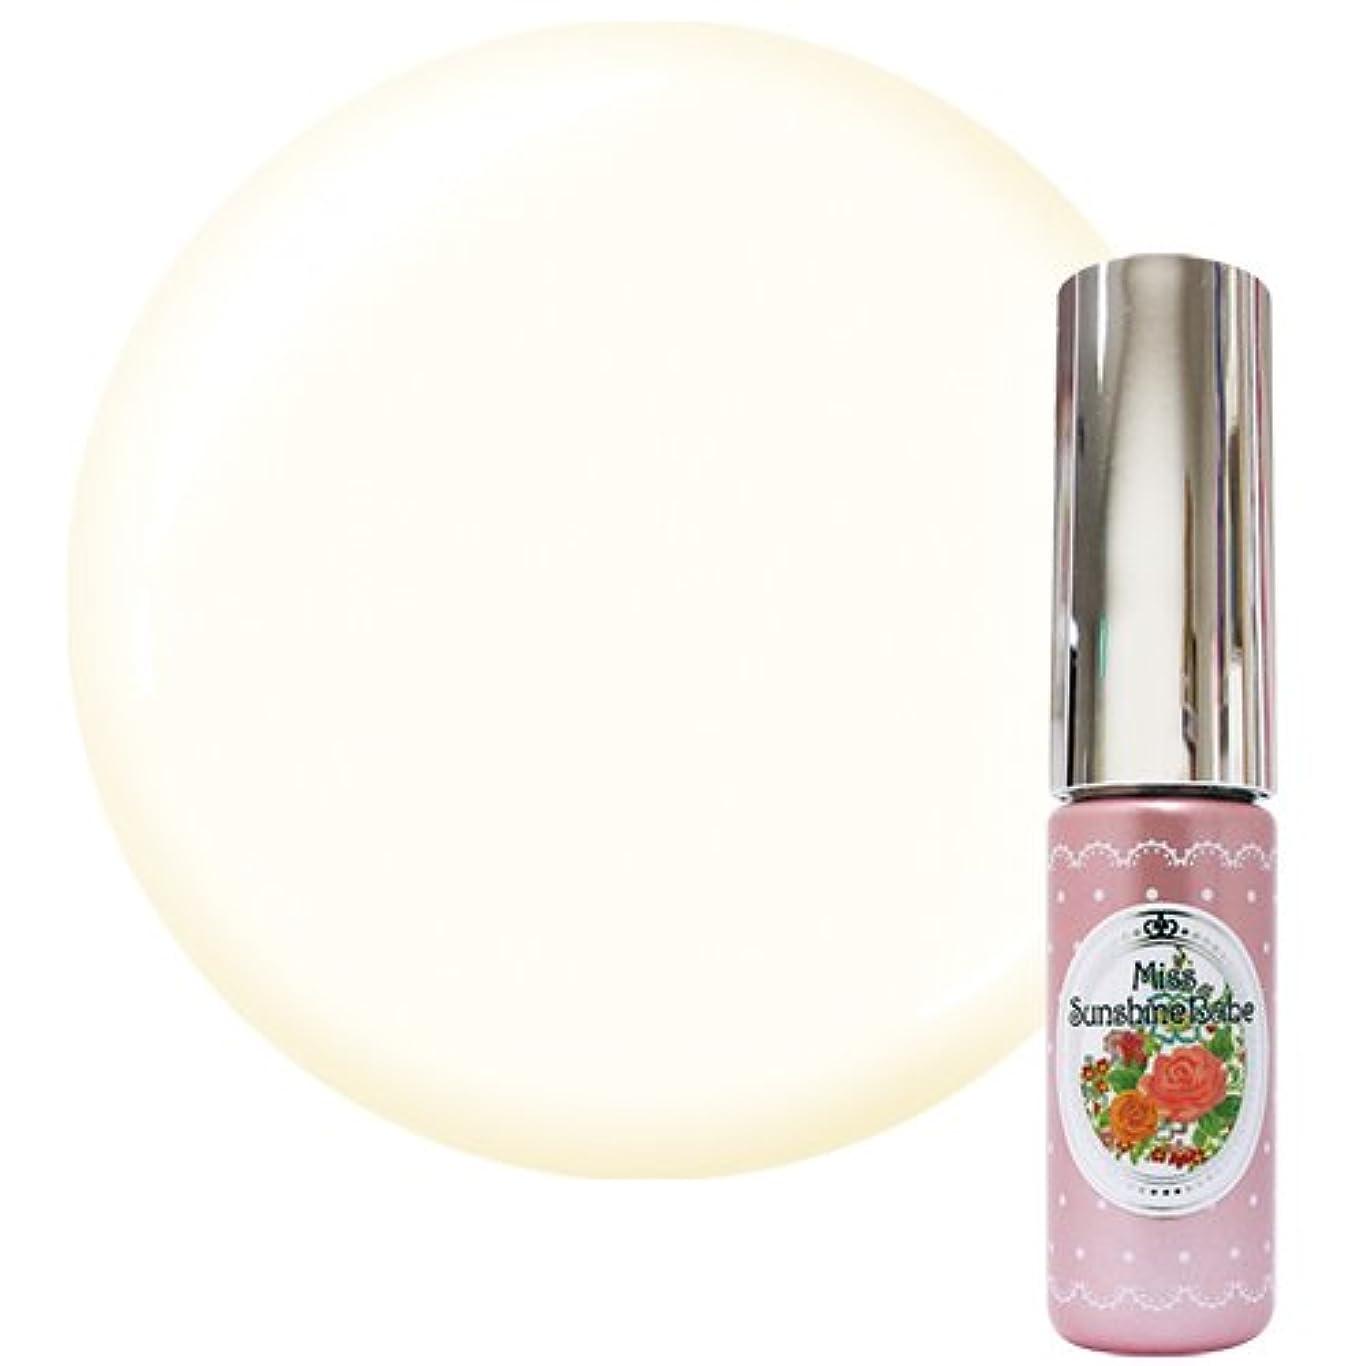 人気シェルホールMiss SunshineBabe ミス サンシャインベビー カラージェル MC-30 5g ココナッツティー UV/LED対応